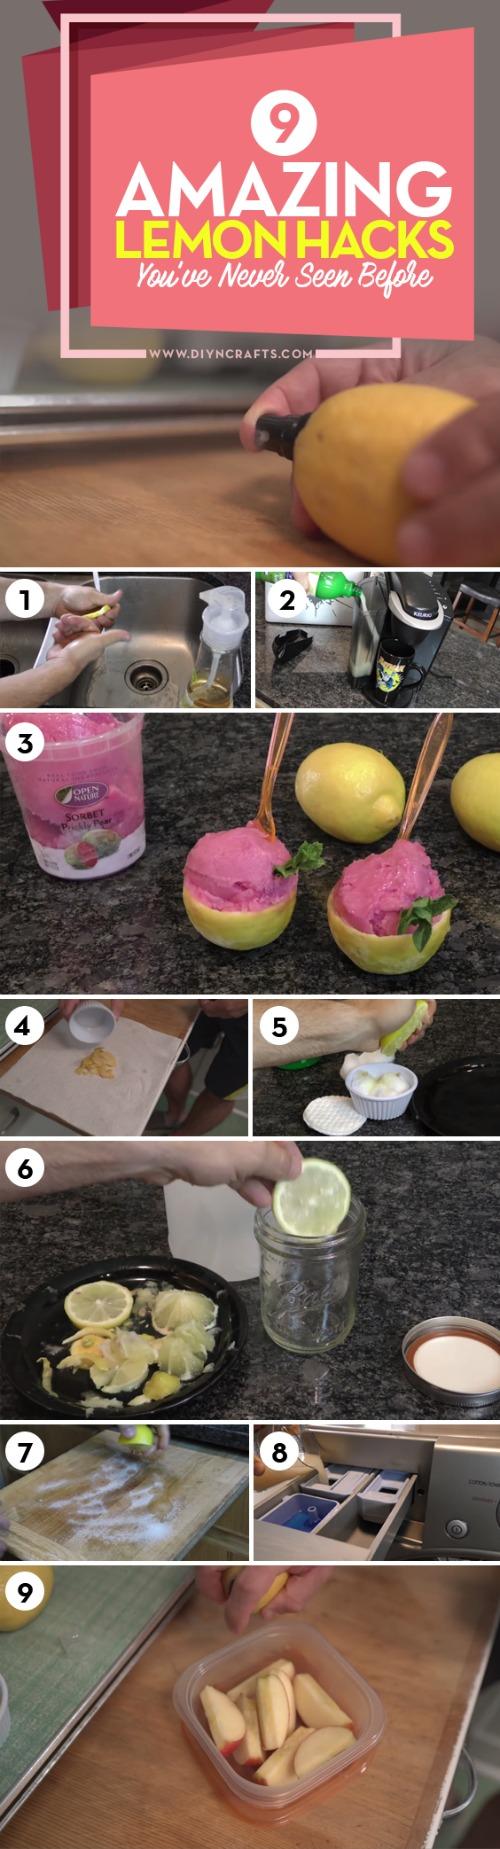 9 Amazing Lemon Hacks, die Sie noch nie zuvor gesehen haben